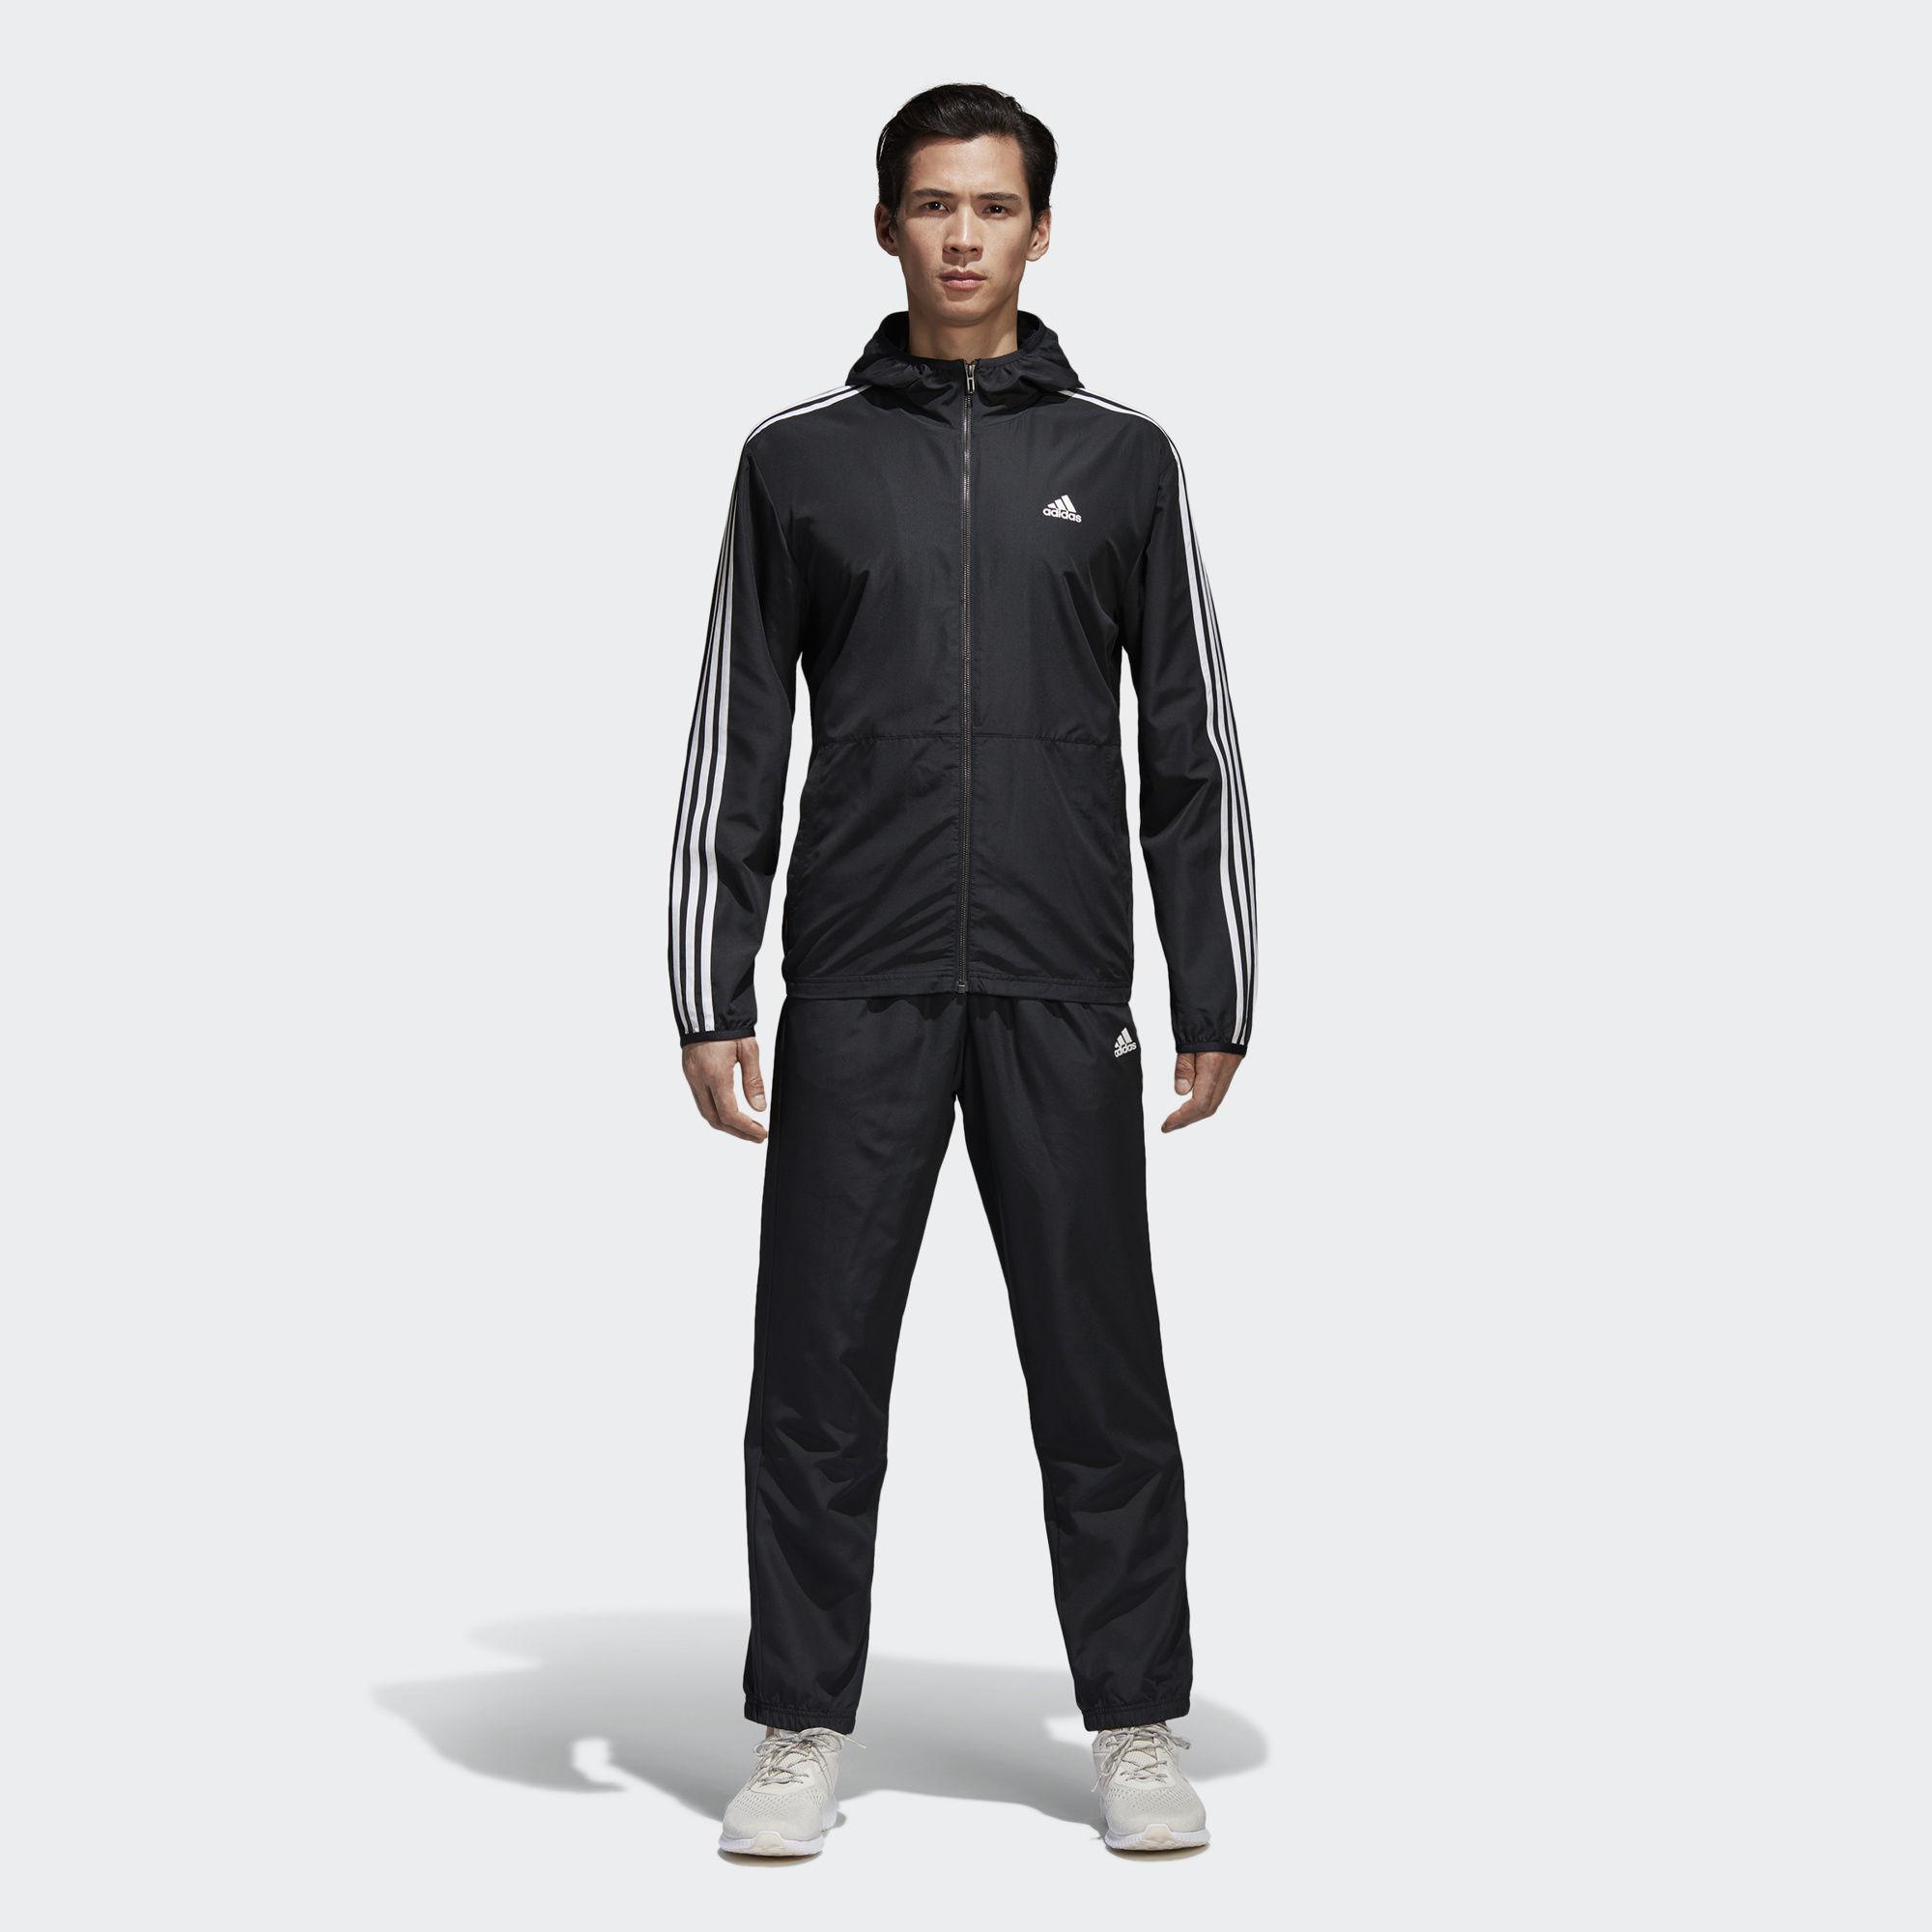 Чоловічий костюм Adidas Pride CF1611  8c9dfd65954e1